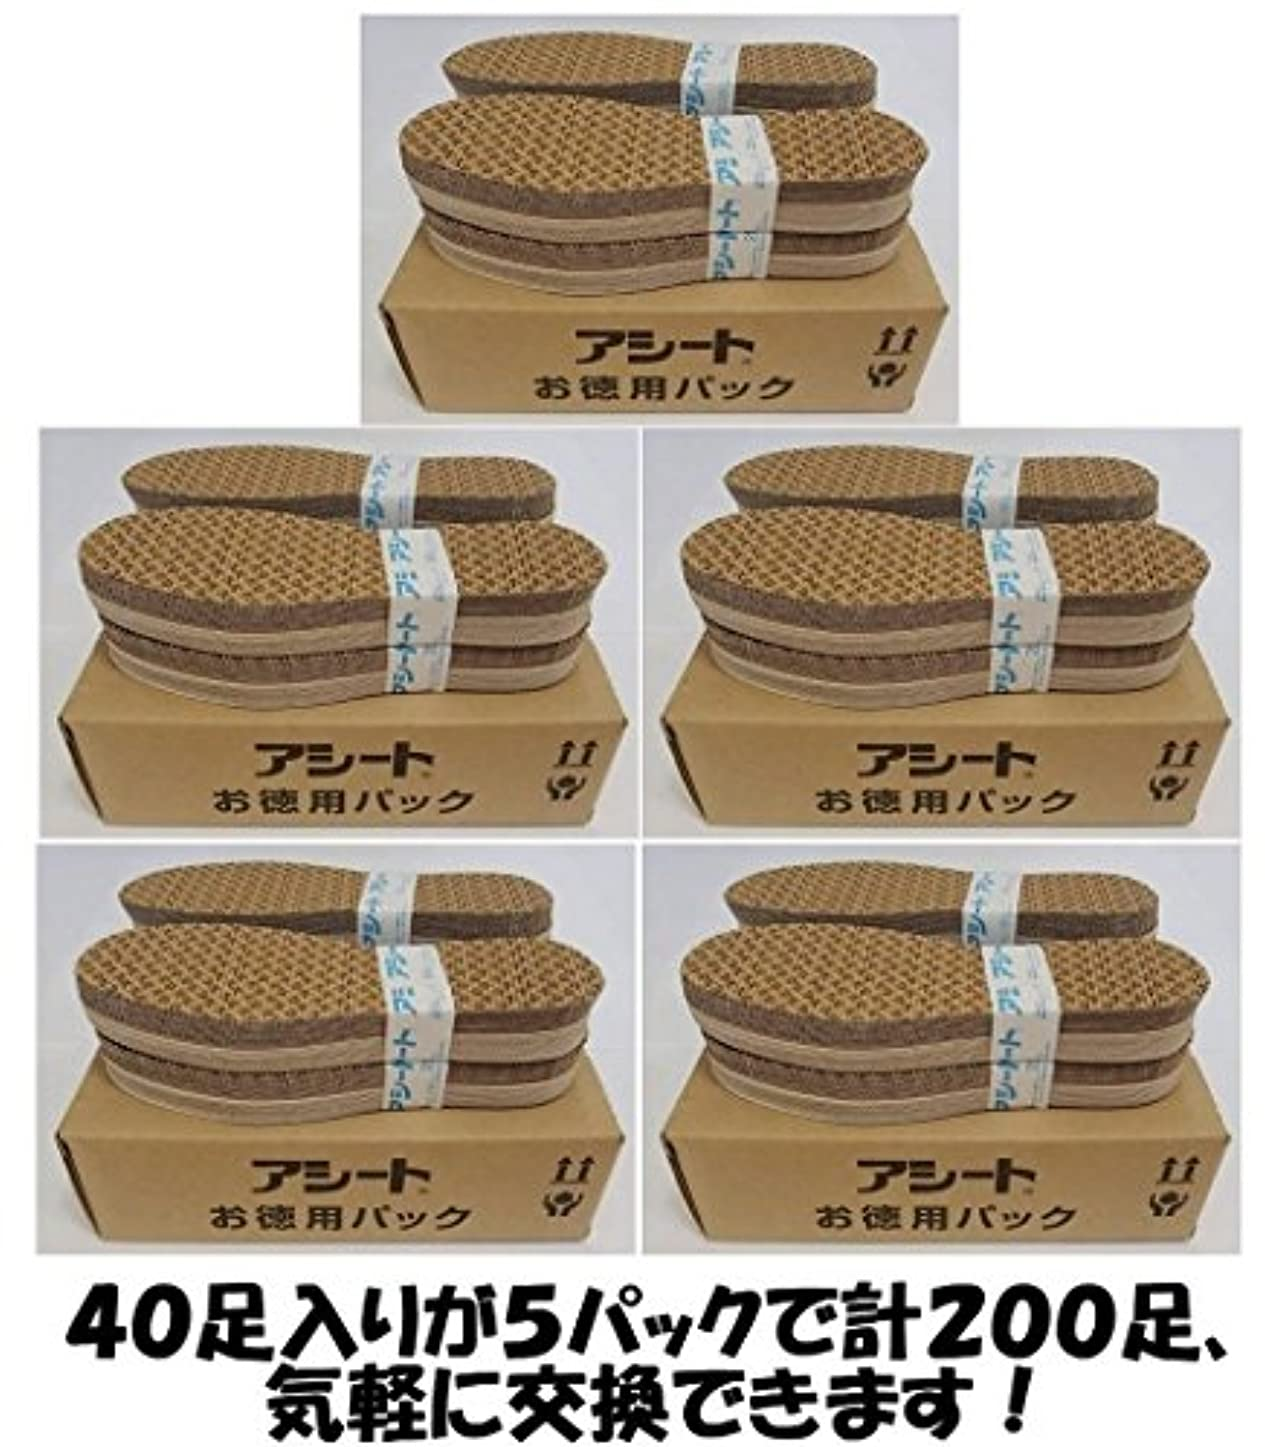 こどもの宮殿ジュニア内陸アシートOタイプお徳用パック200足入り (27.5~28cm 男性靴用)